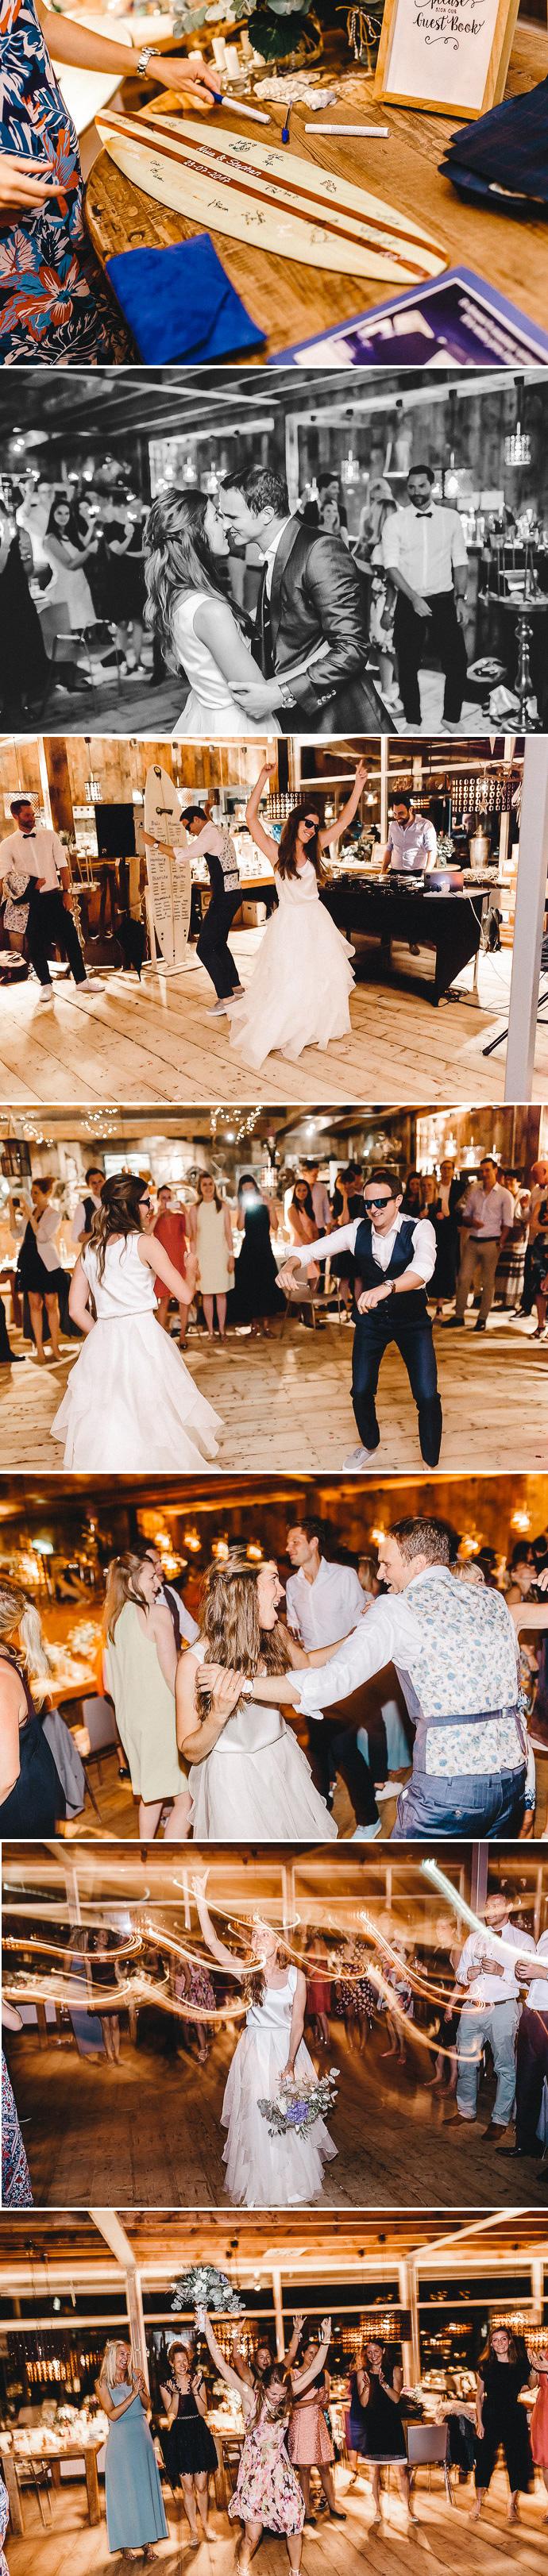 Tim Kurth Fotografie Hochzeitsparty Teil2